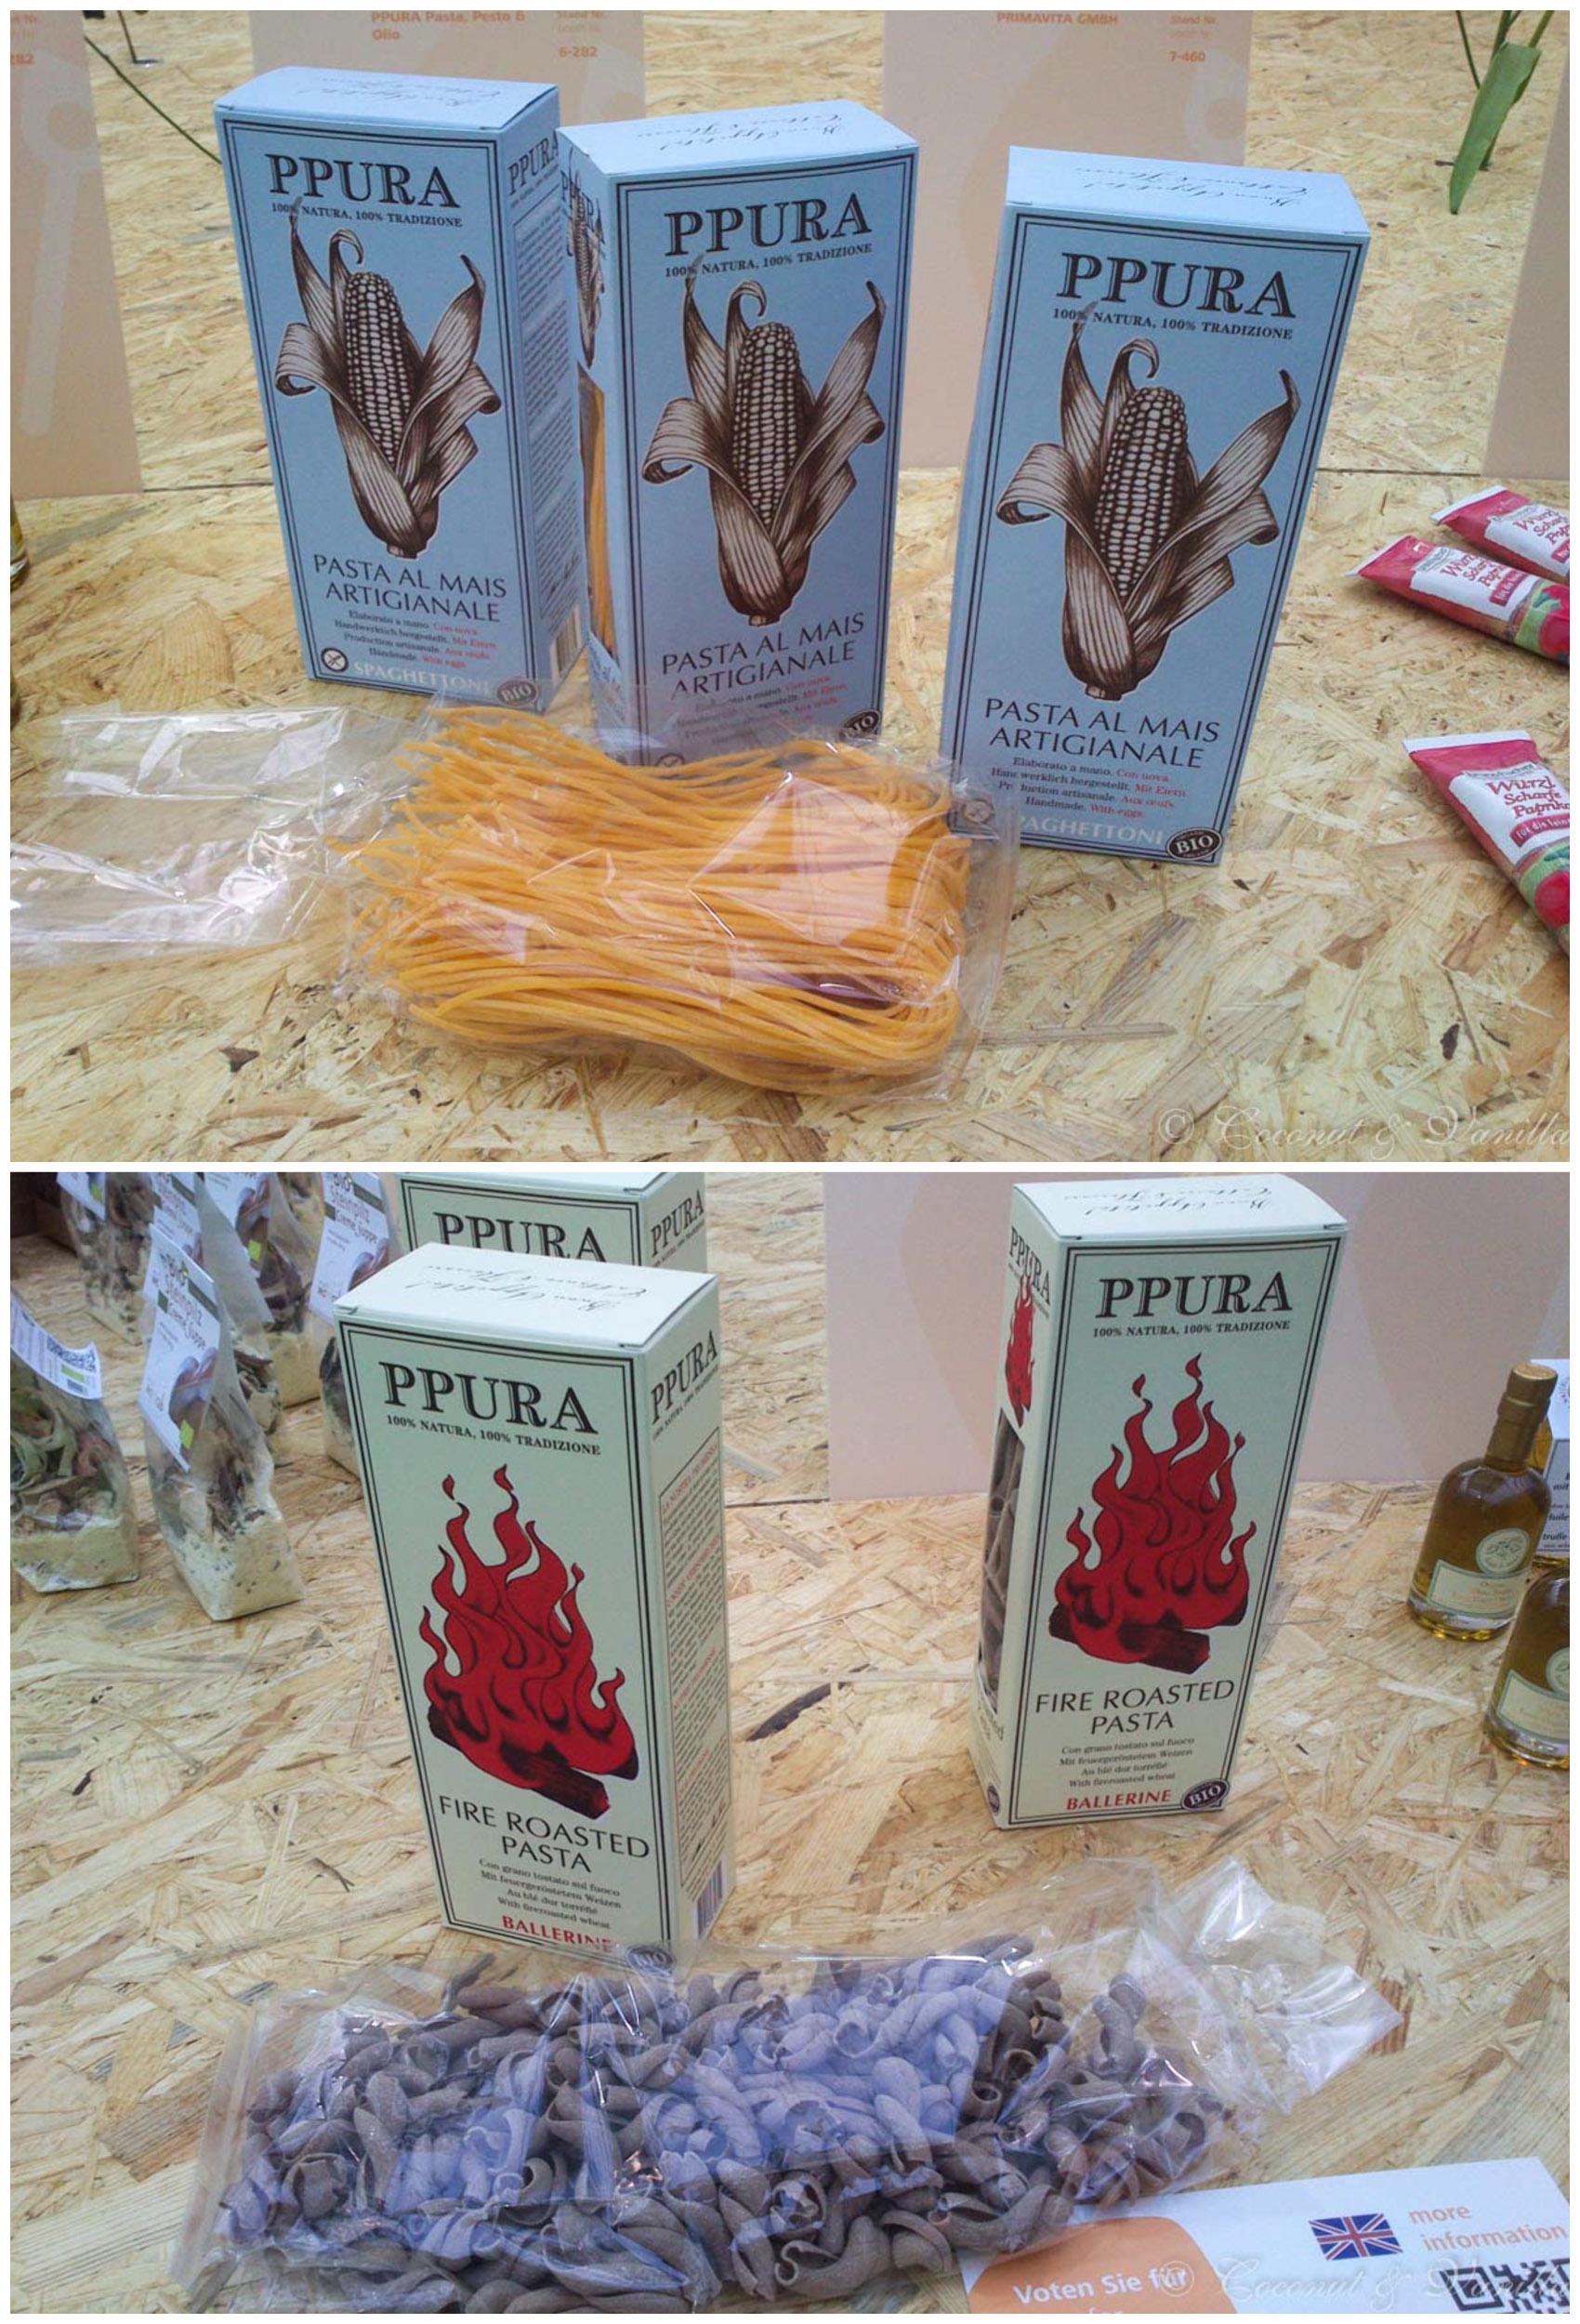 Maispasta, feuergeöstete Pasta von PPura